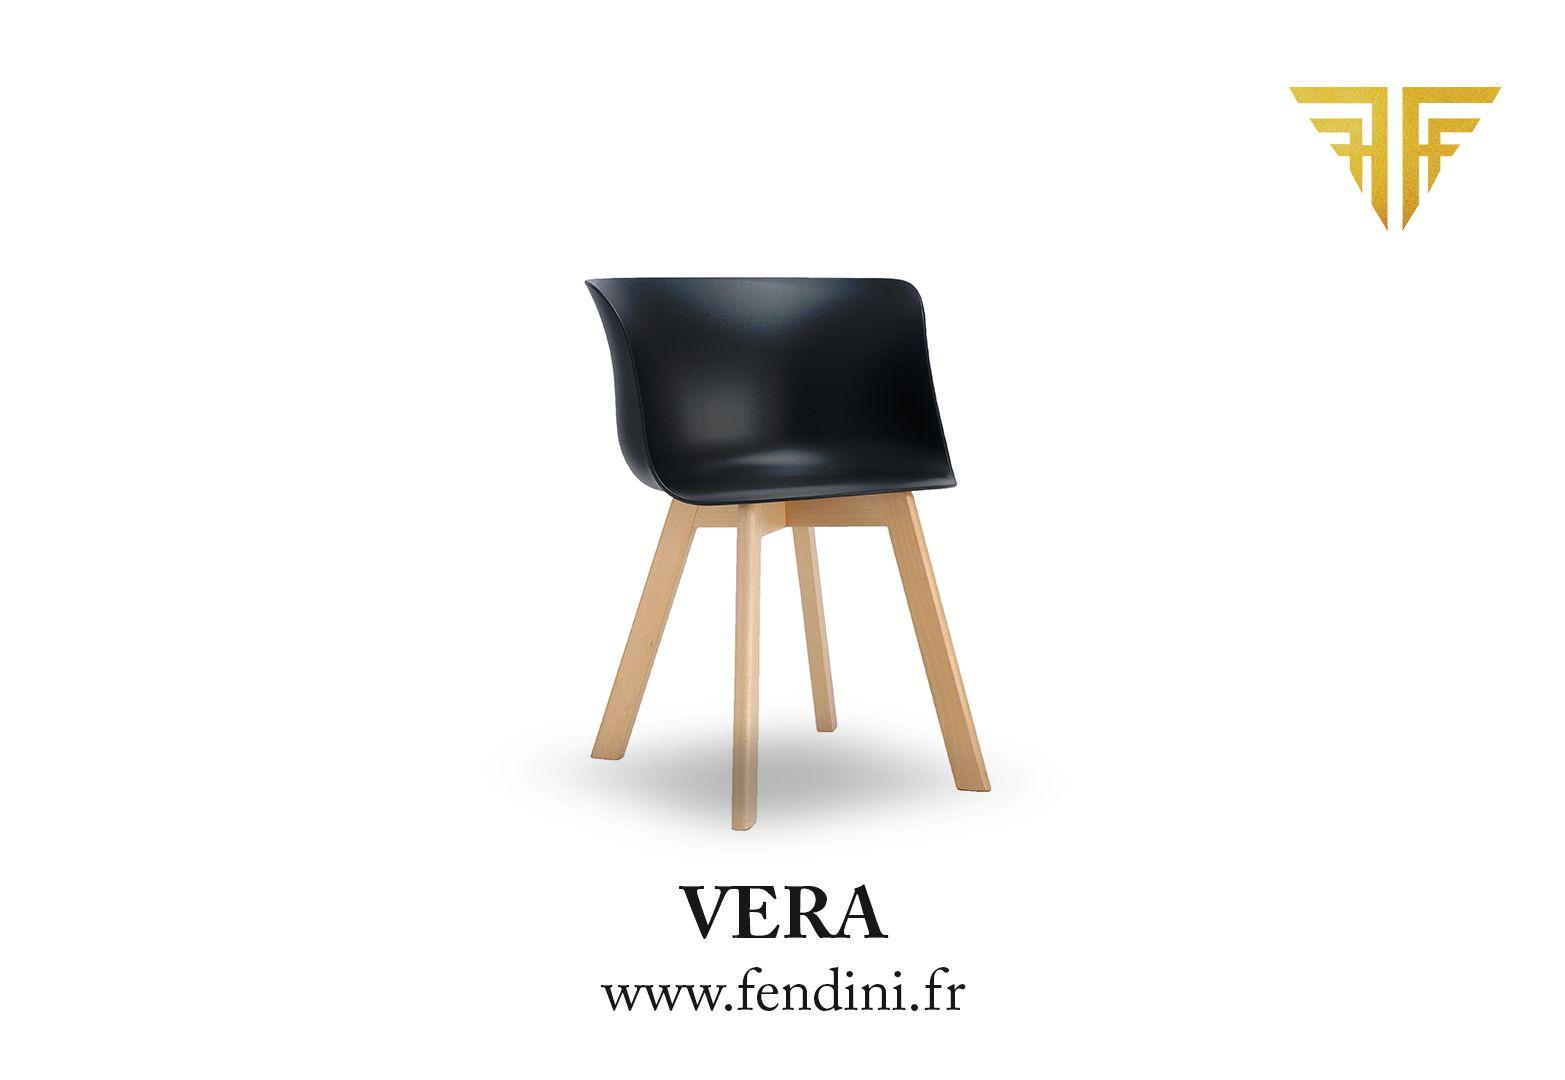 Chaise VERA by #Fendini #fendini #fendinihome #design